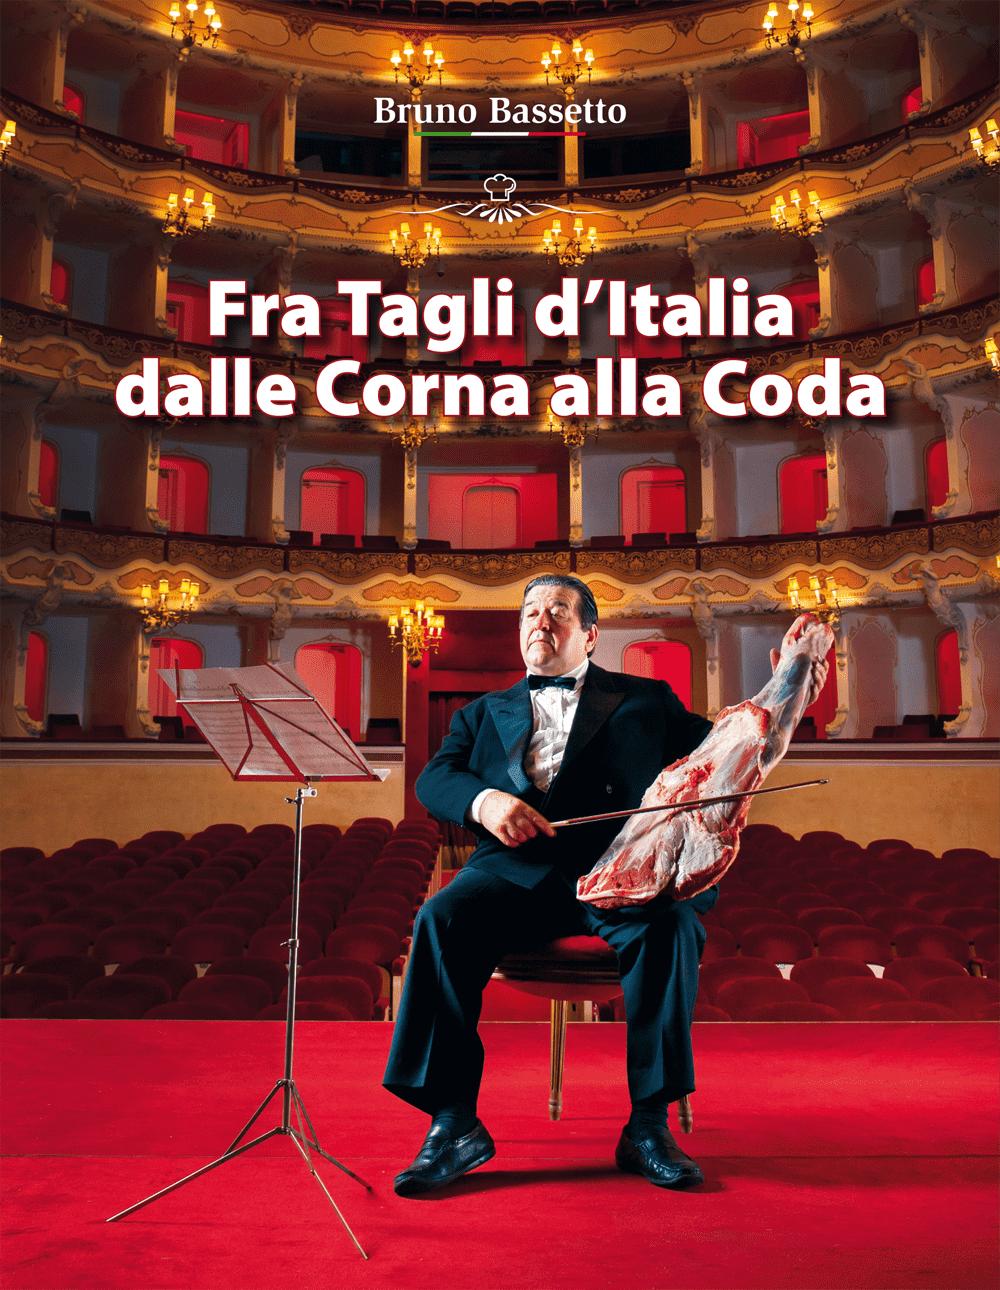 'Tra tagli d'Italia dalle corna alla coda', il nuovo lavoro di Bruno Bassetto, macellaio trevigiano